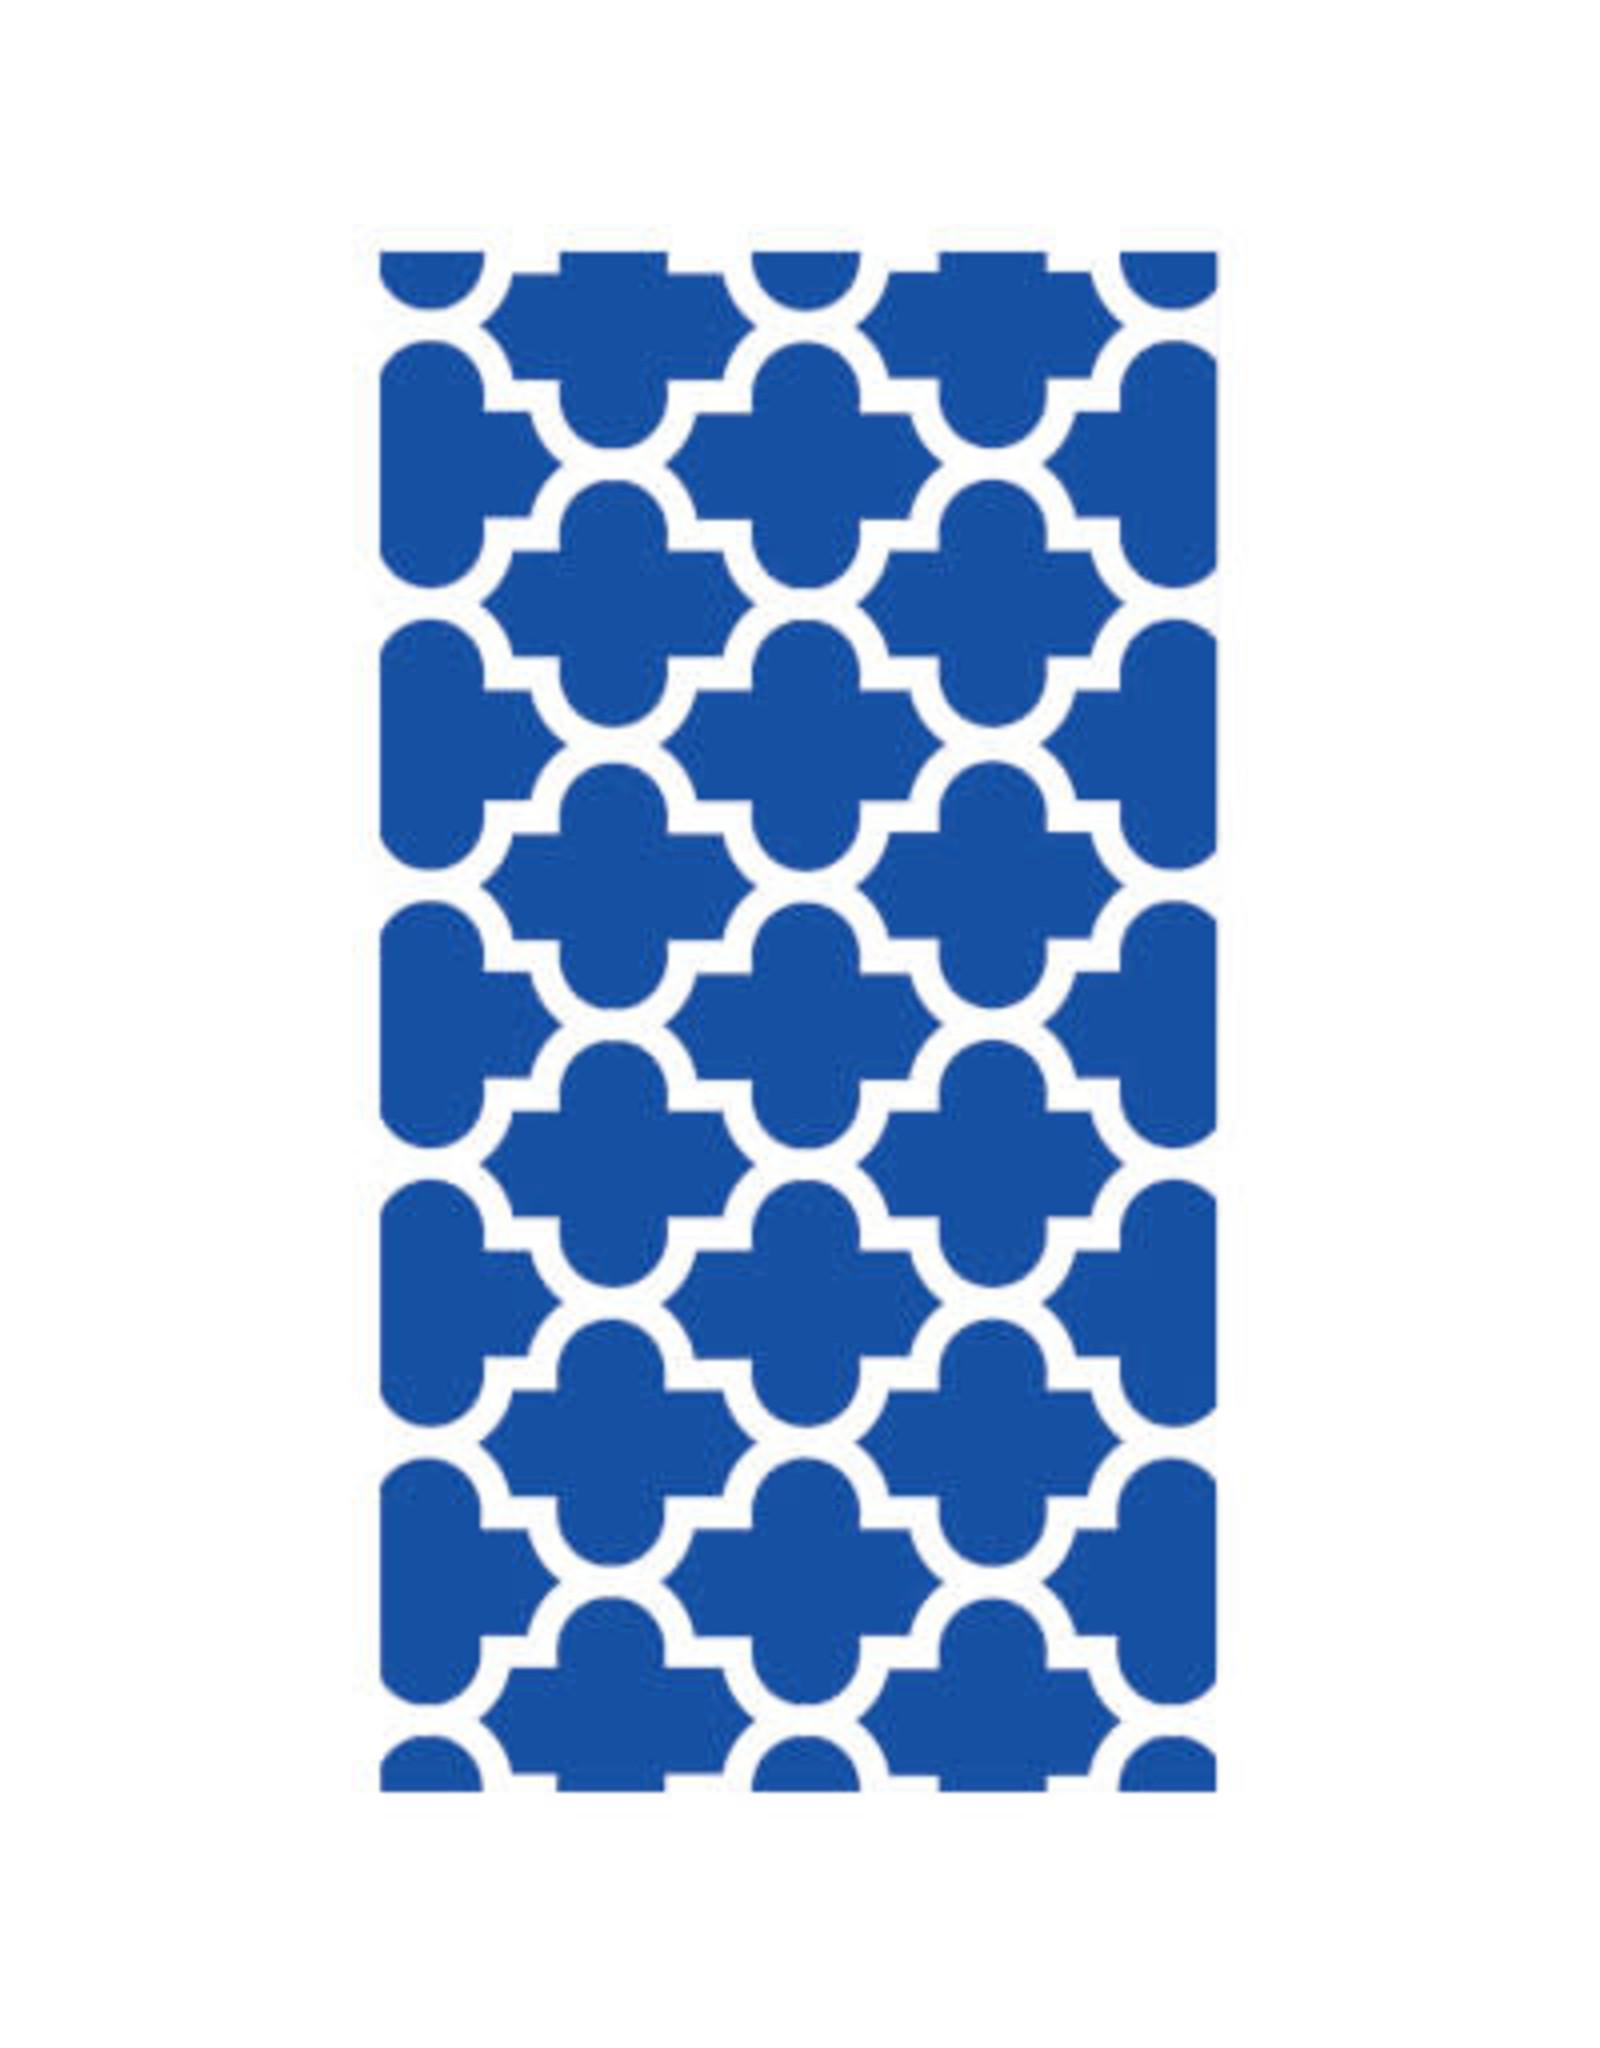 SENS Blue Mosaic Guest Towels - 24ct.